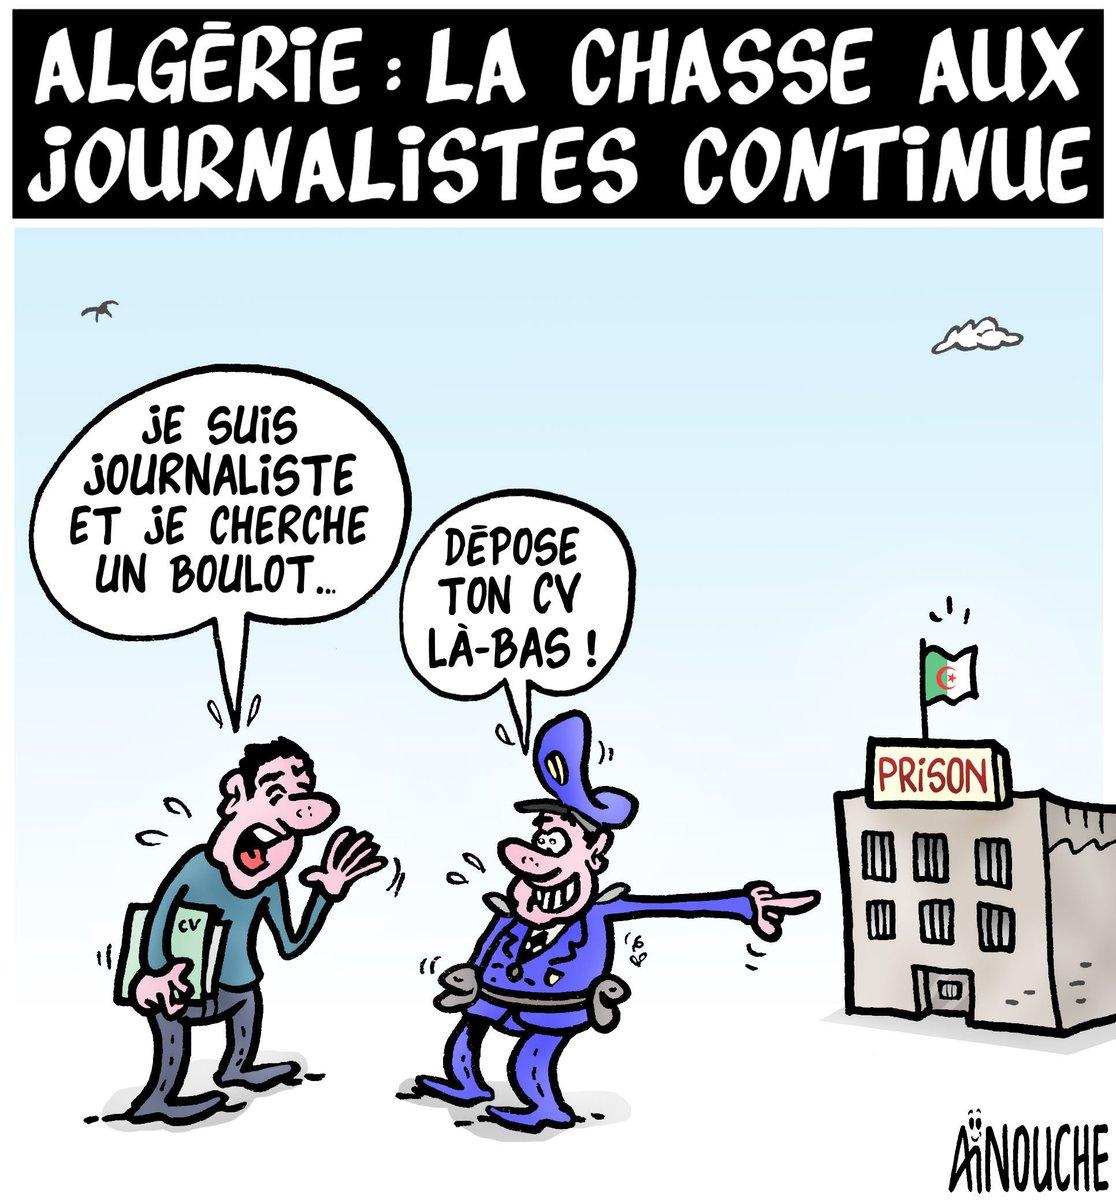 Ghilas Ainouche On Twitter Algerie La Chasse Aux